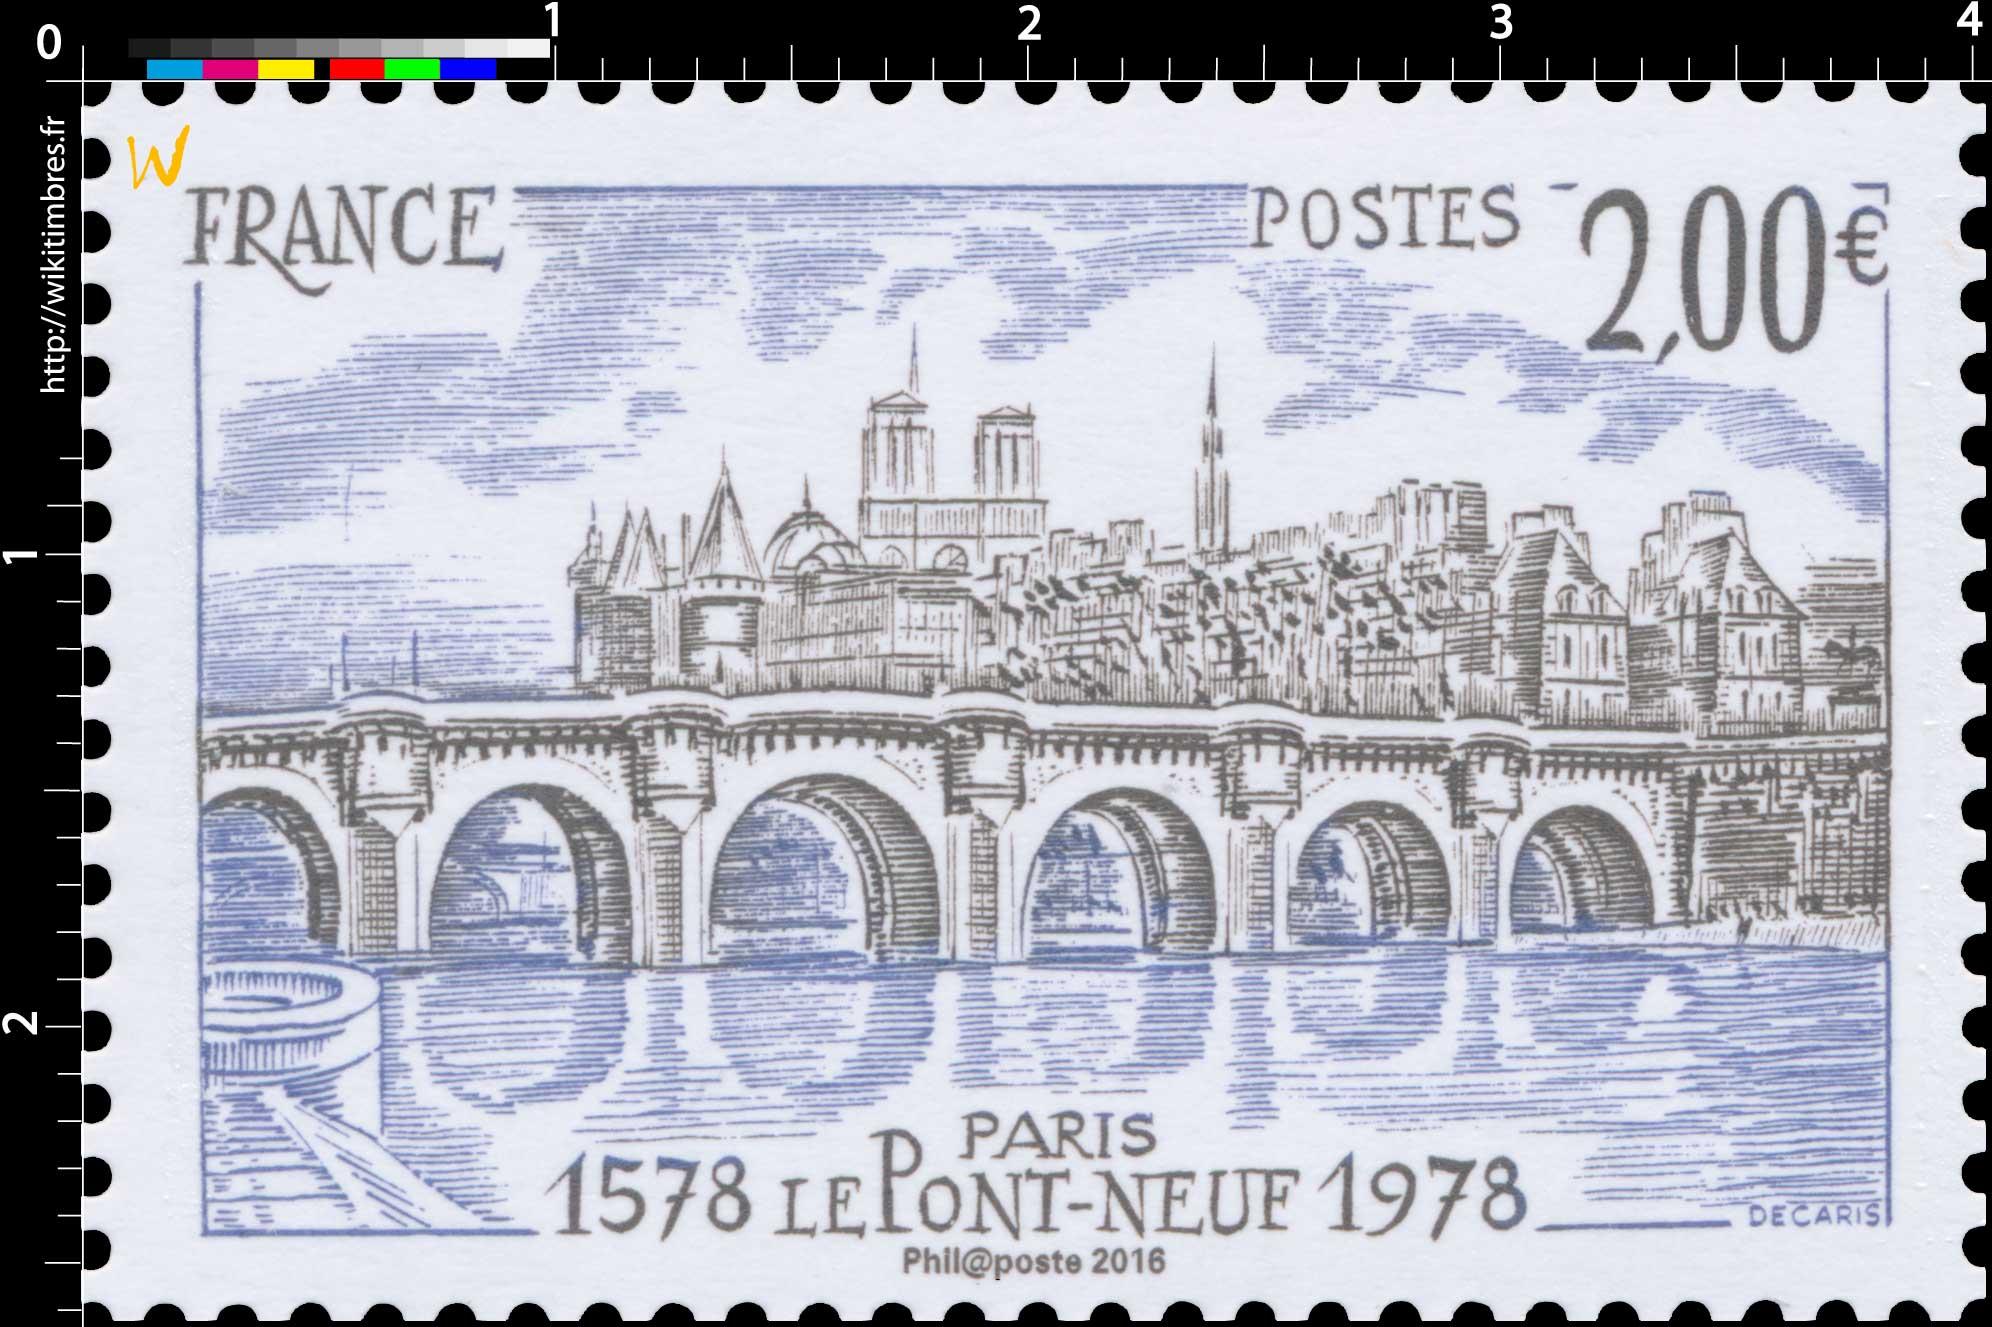 2016 Paris le Pont-Neuf 1978